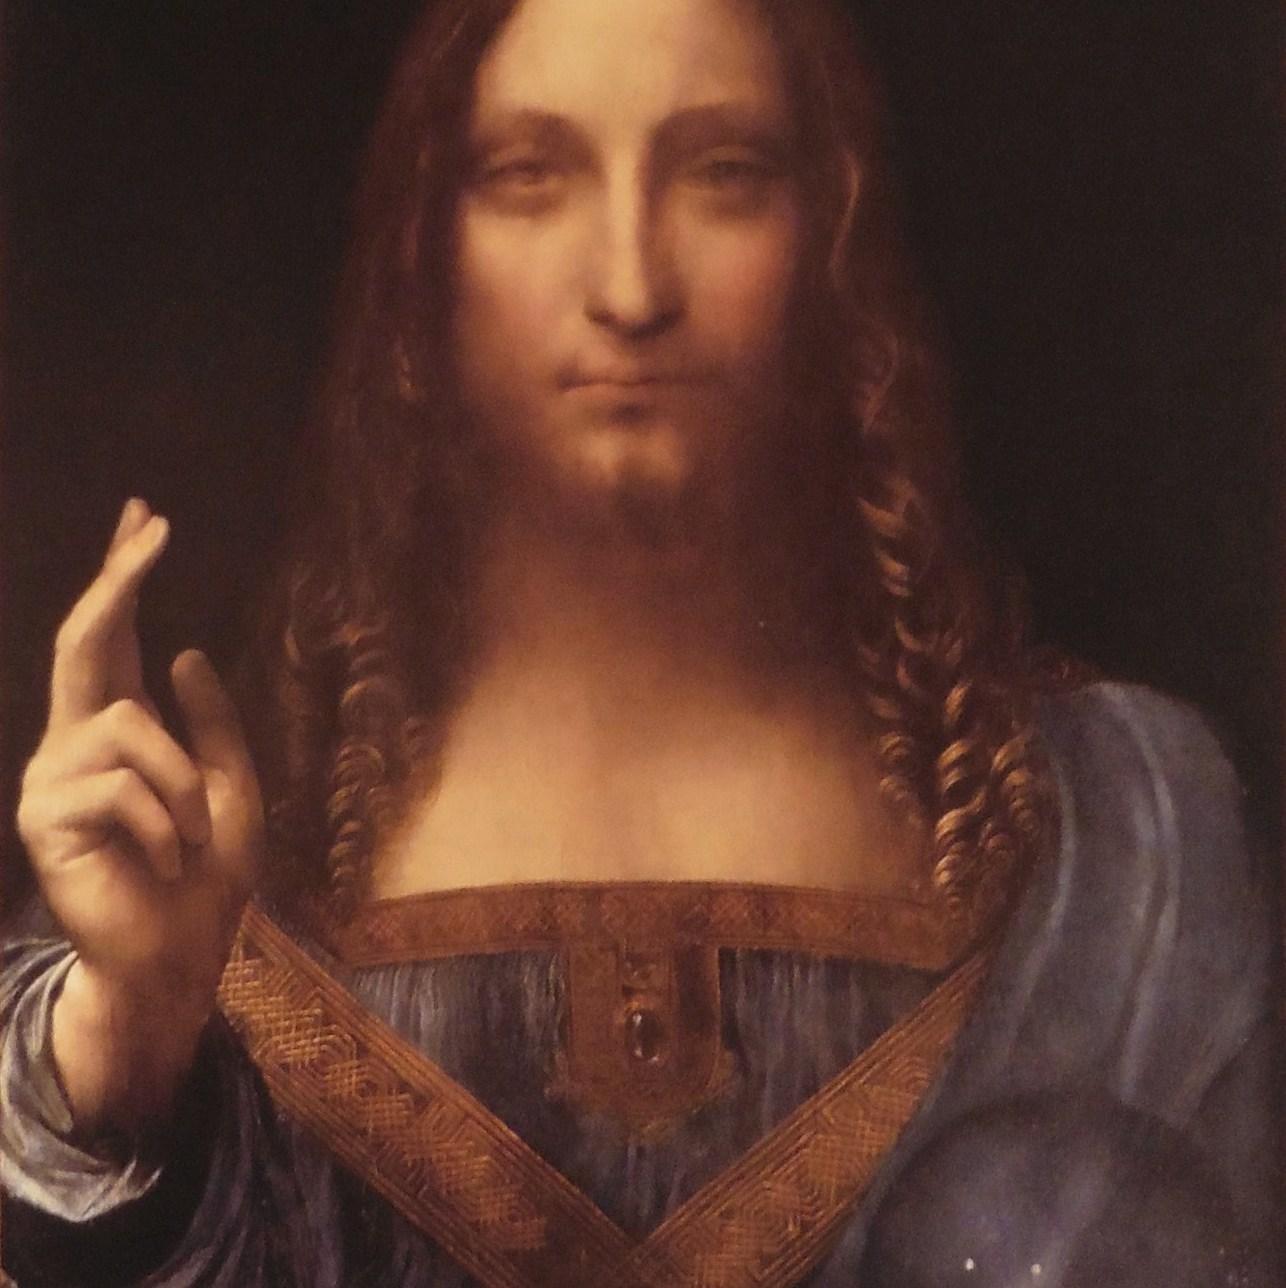 レオナルド・ダ・ヴィンチの「謎」にスポットを当てると…